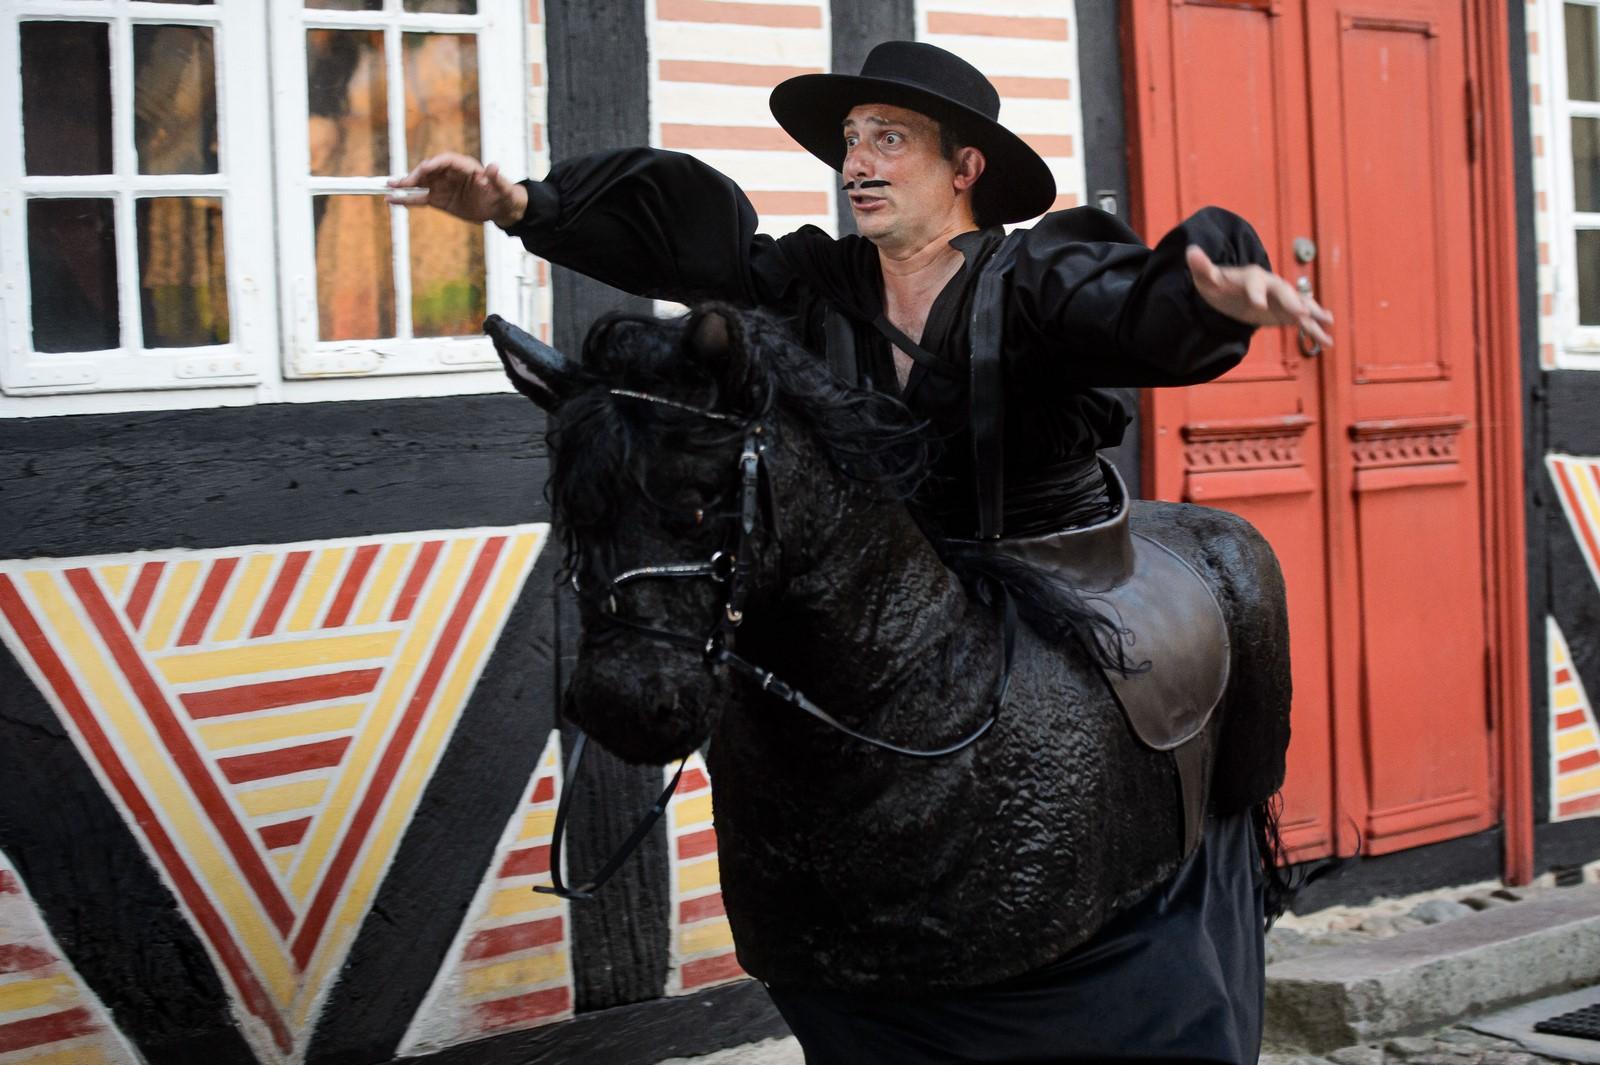 Anmeldelse: Zorro og Den forbudte sombrero, Holbæk Museum (Sjællands Teater)